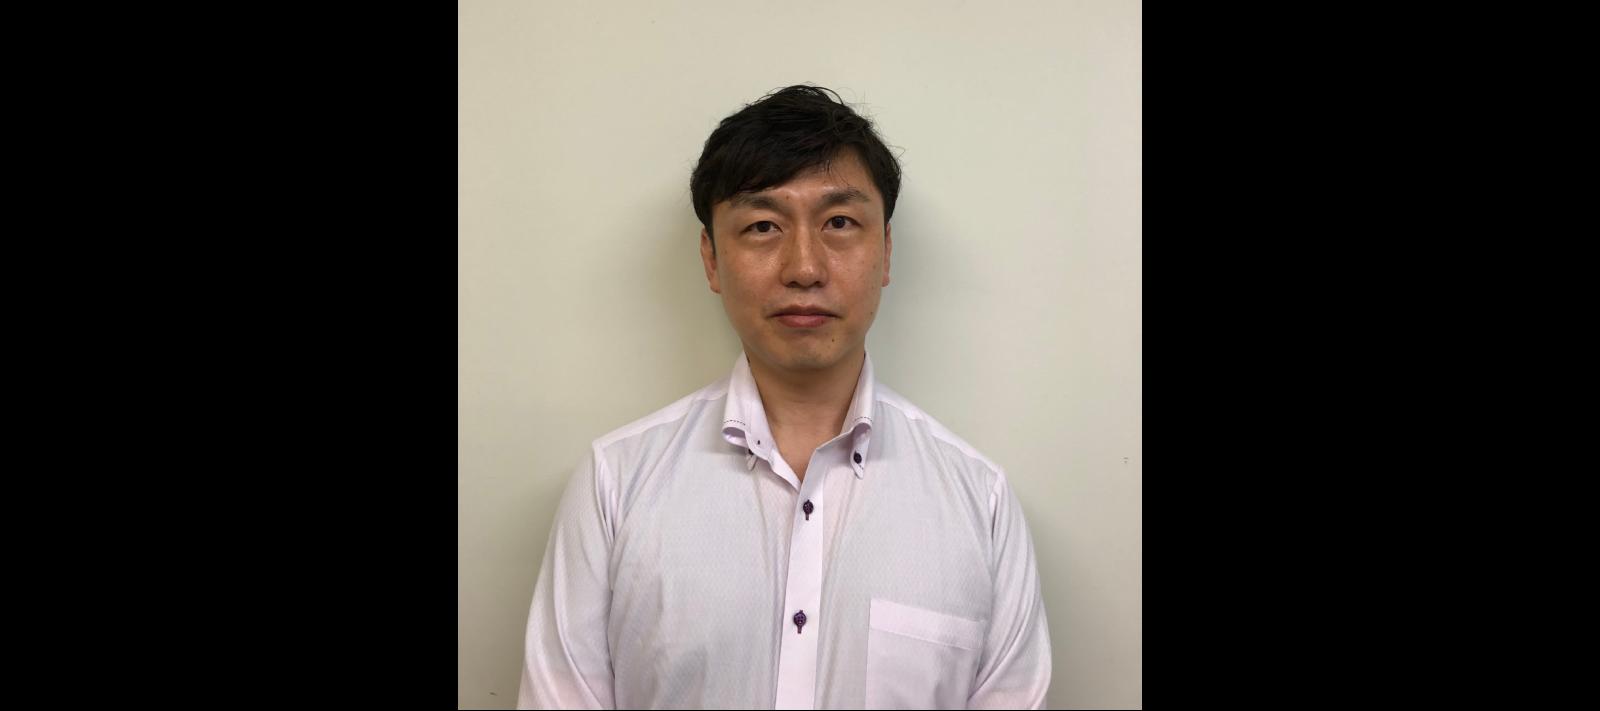 ハイパーネットワーク社会研究所の石松博文氏